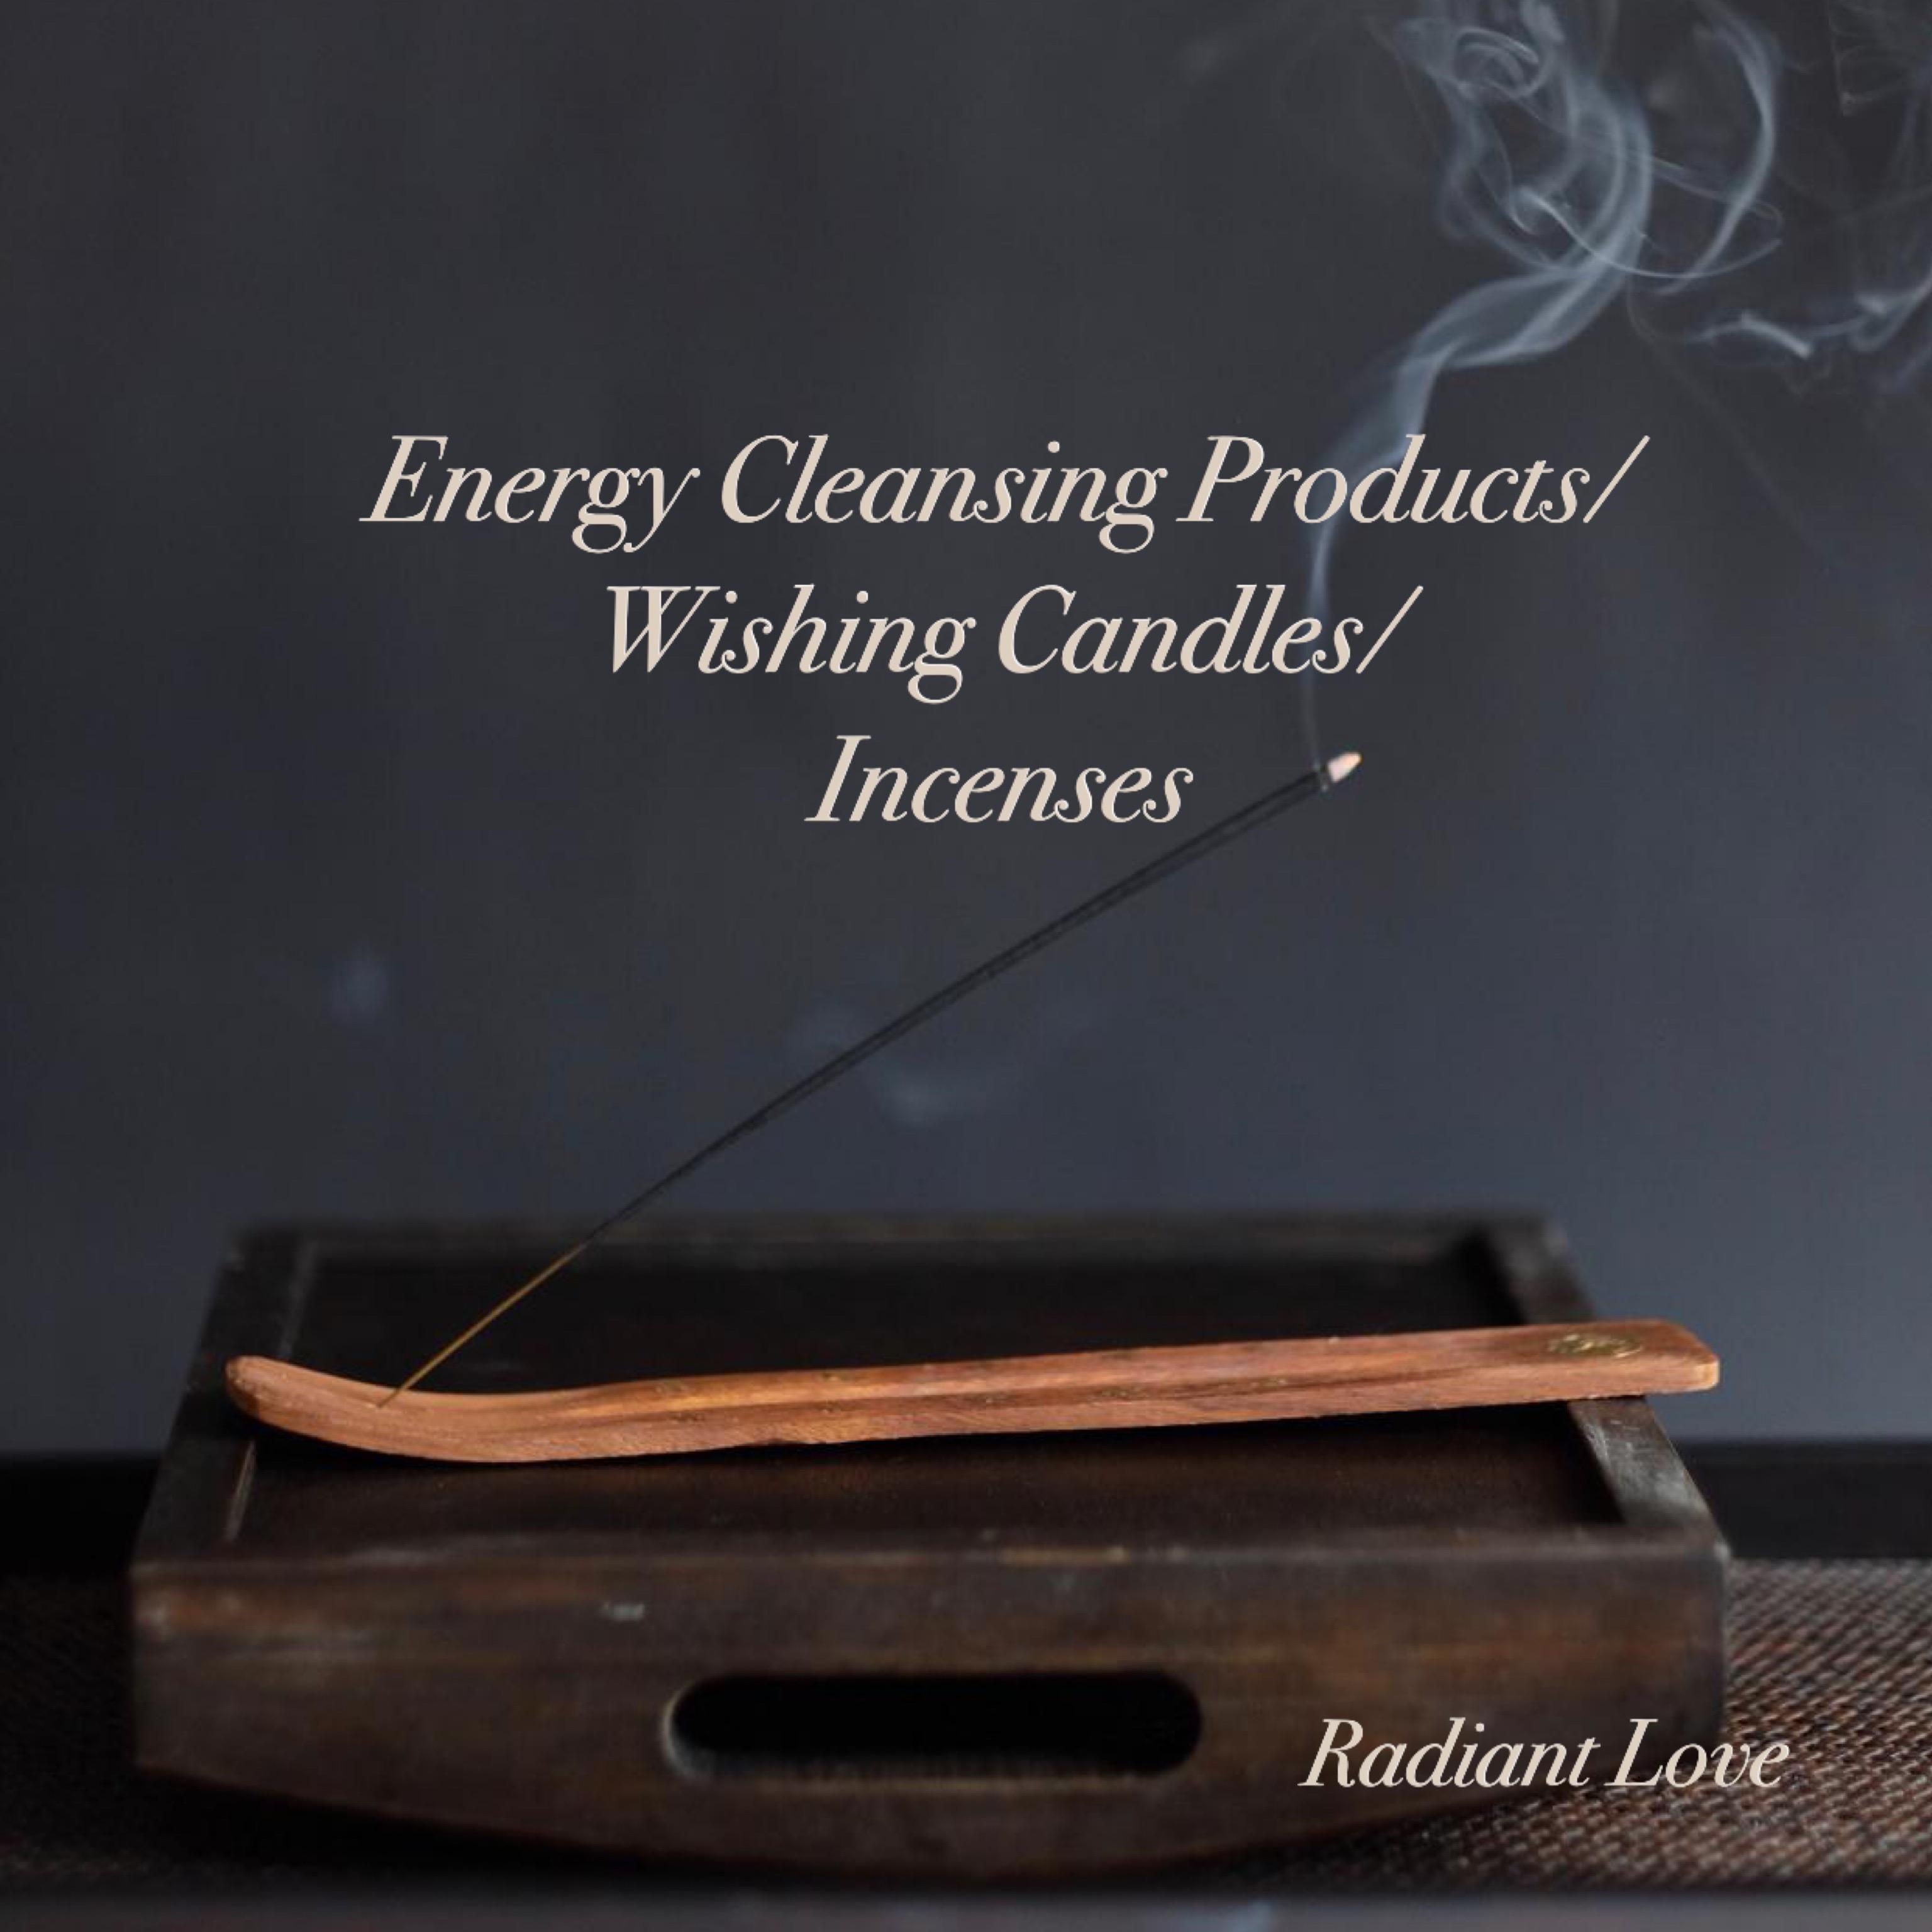 淨化能量產品/許願蠟燭/香支